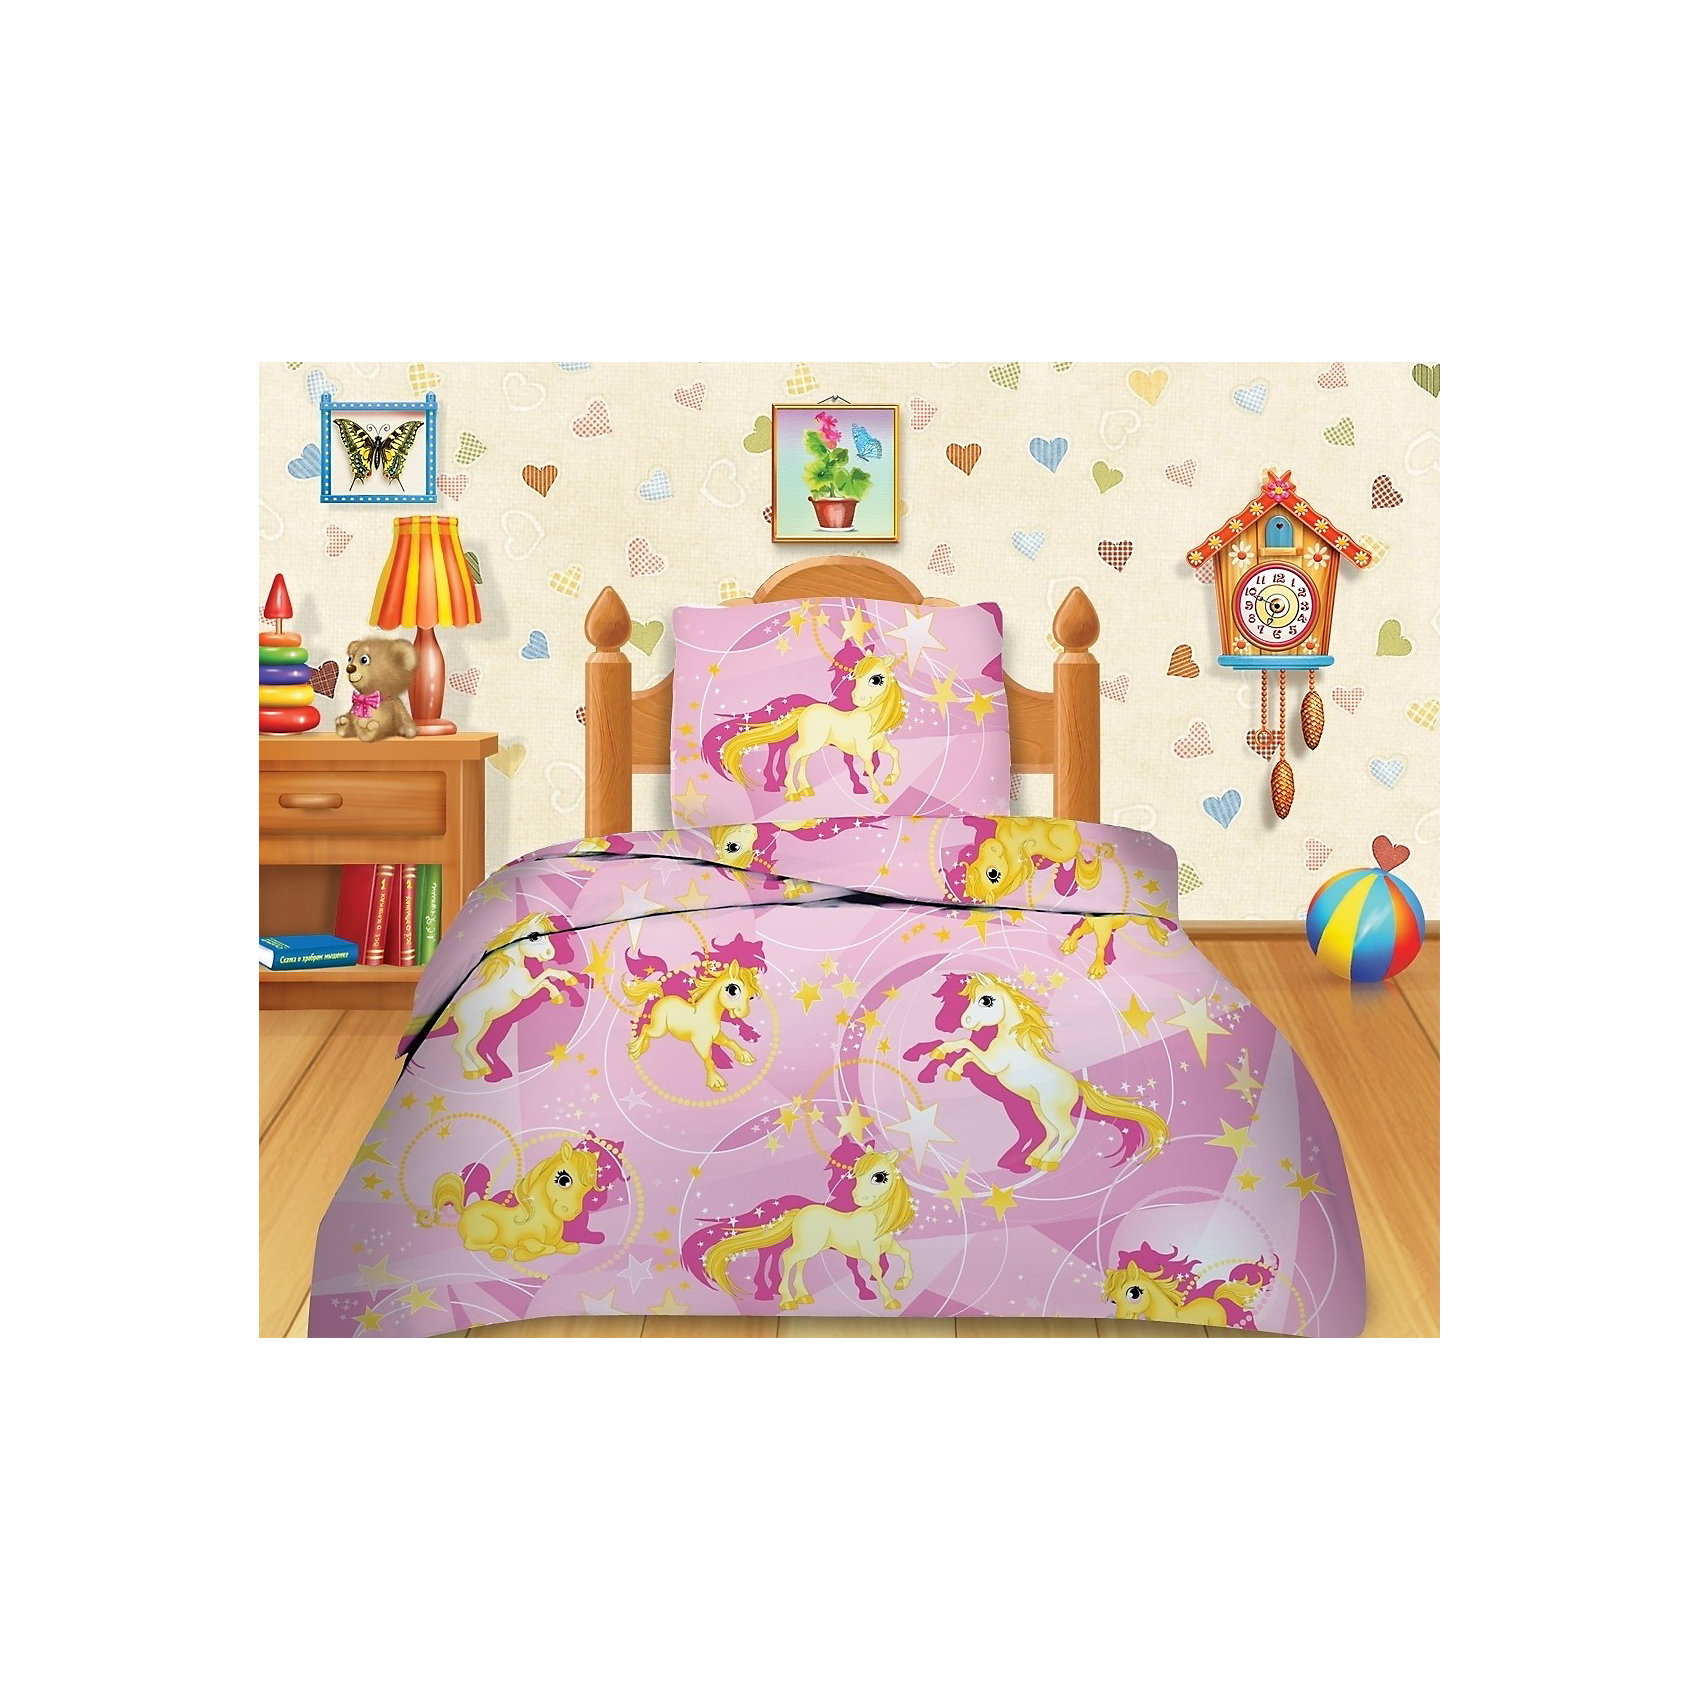 постельное белье эго комплект 1 5 спальный бязь - Постельное белье 1,5 Лошадки, бязь, 70*70, Кошки-мышки